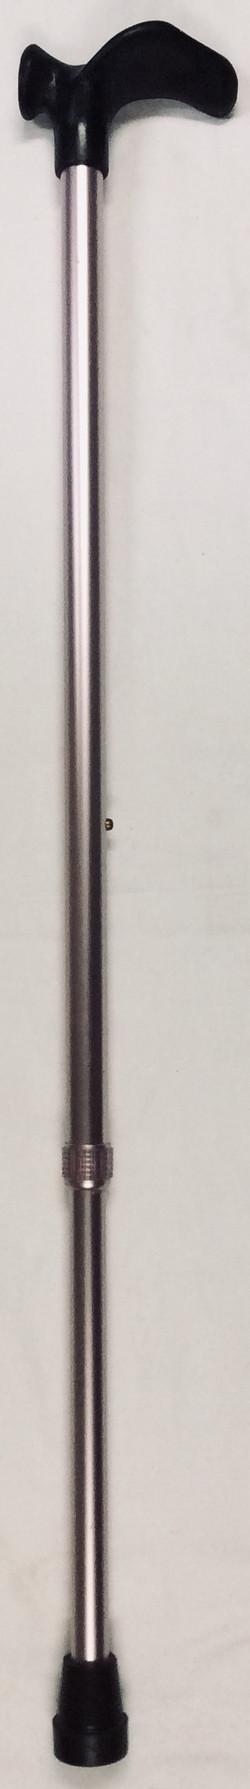 Pink adjustable aluminium cane